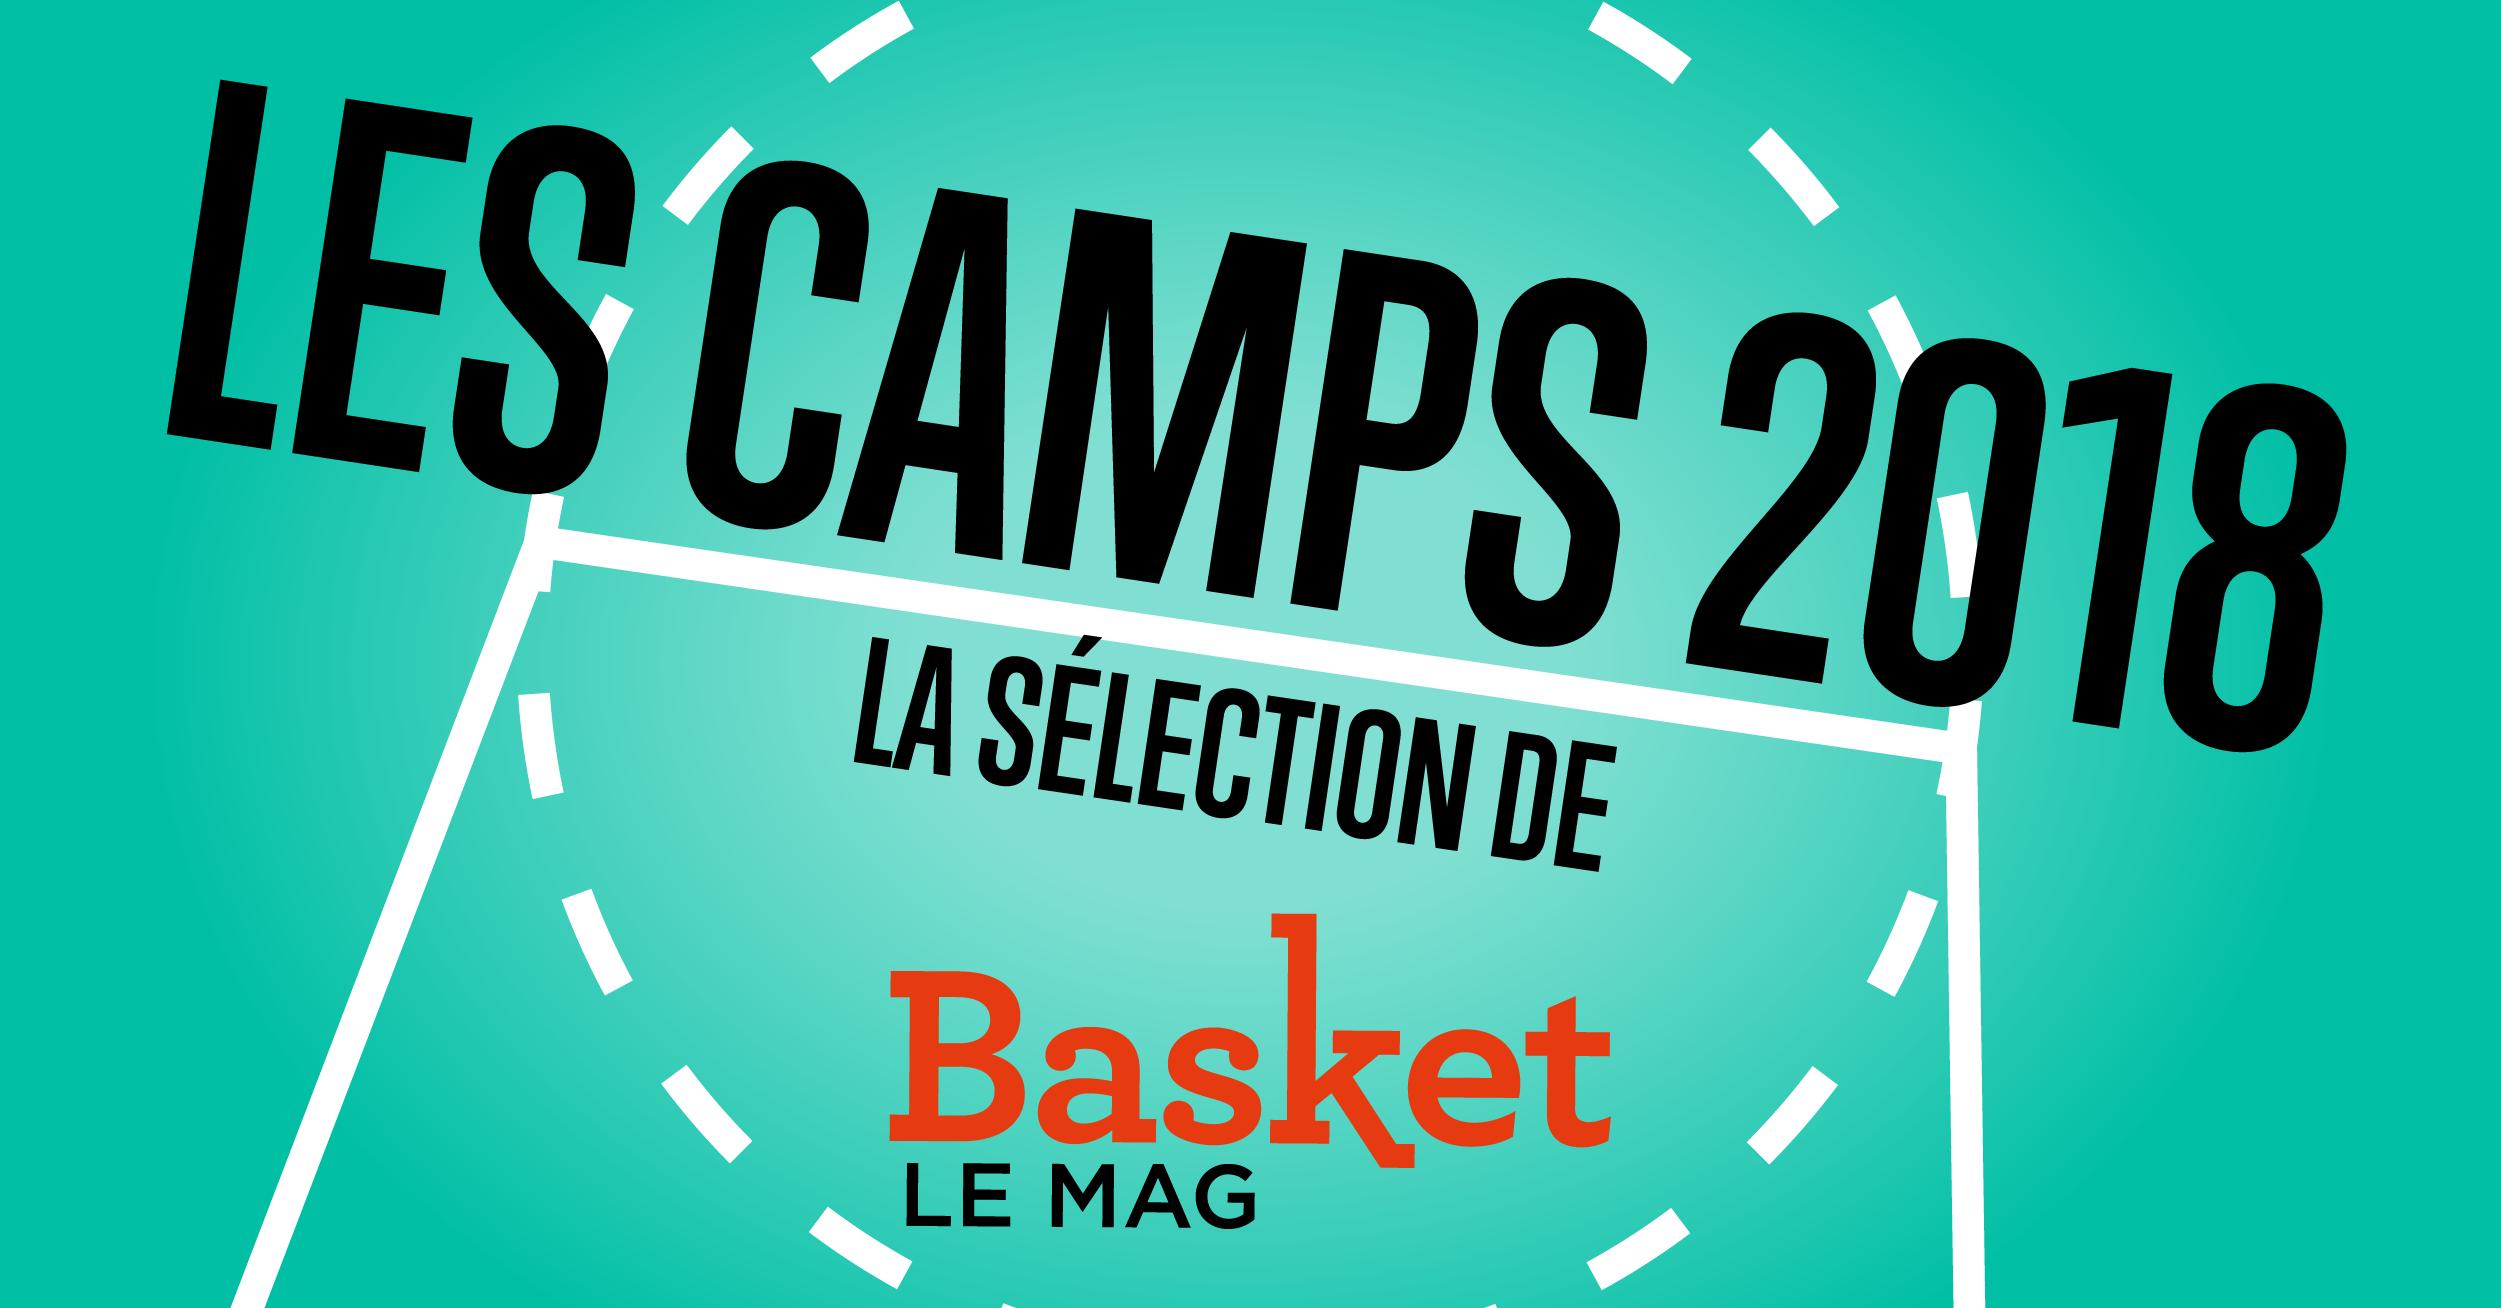 Les camps partenaires de Basket le mag